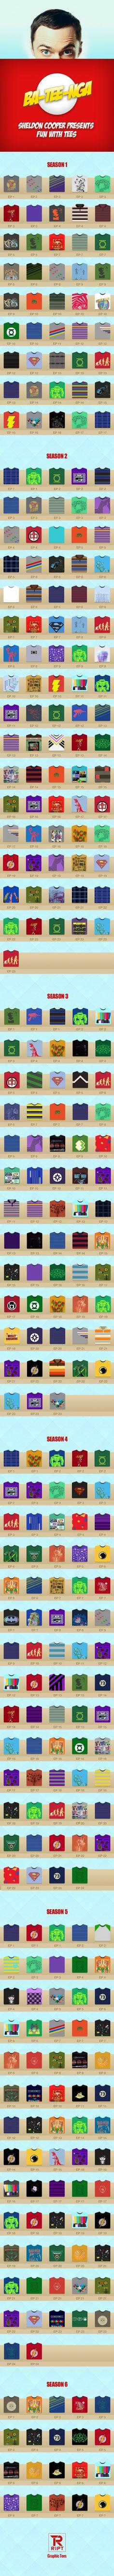 Every T-Shirt Sheldon Has Worn Infographic